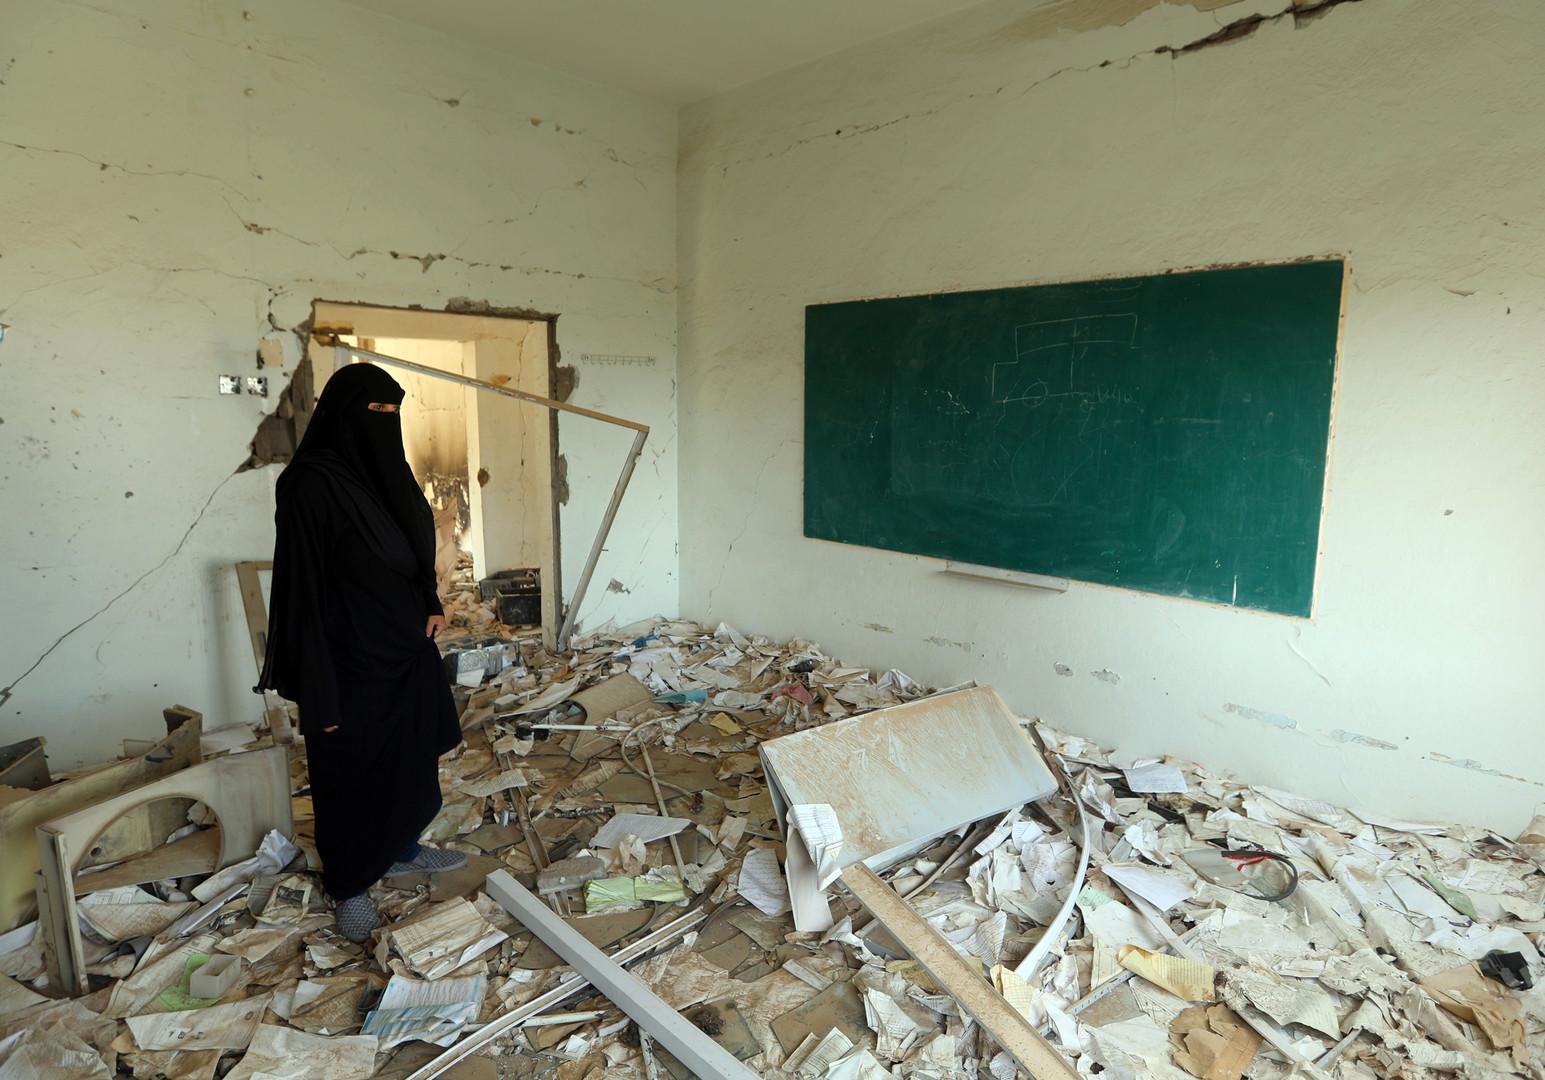 Ein Mitglied einer jemenitischen Schulverwaltung inspiziert den Schaden an einer Schule am ersten Tag des neuen Schuljahres am 16. September 2018, die im vergangenen Jahr bei einem Luftangriff beschädigt wurde.